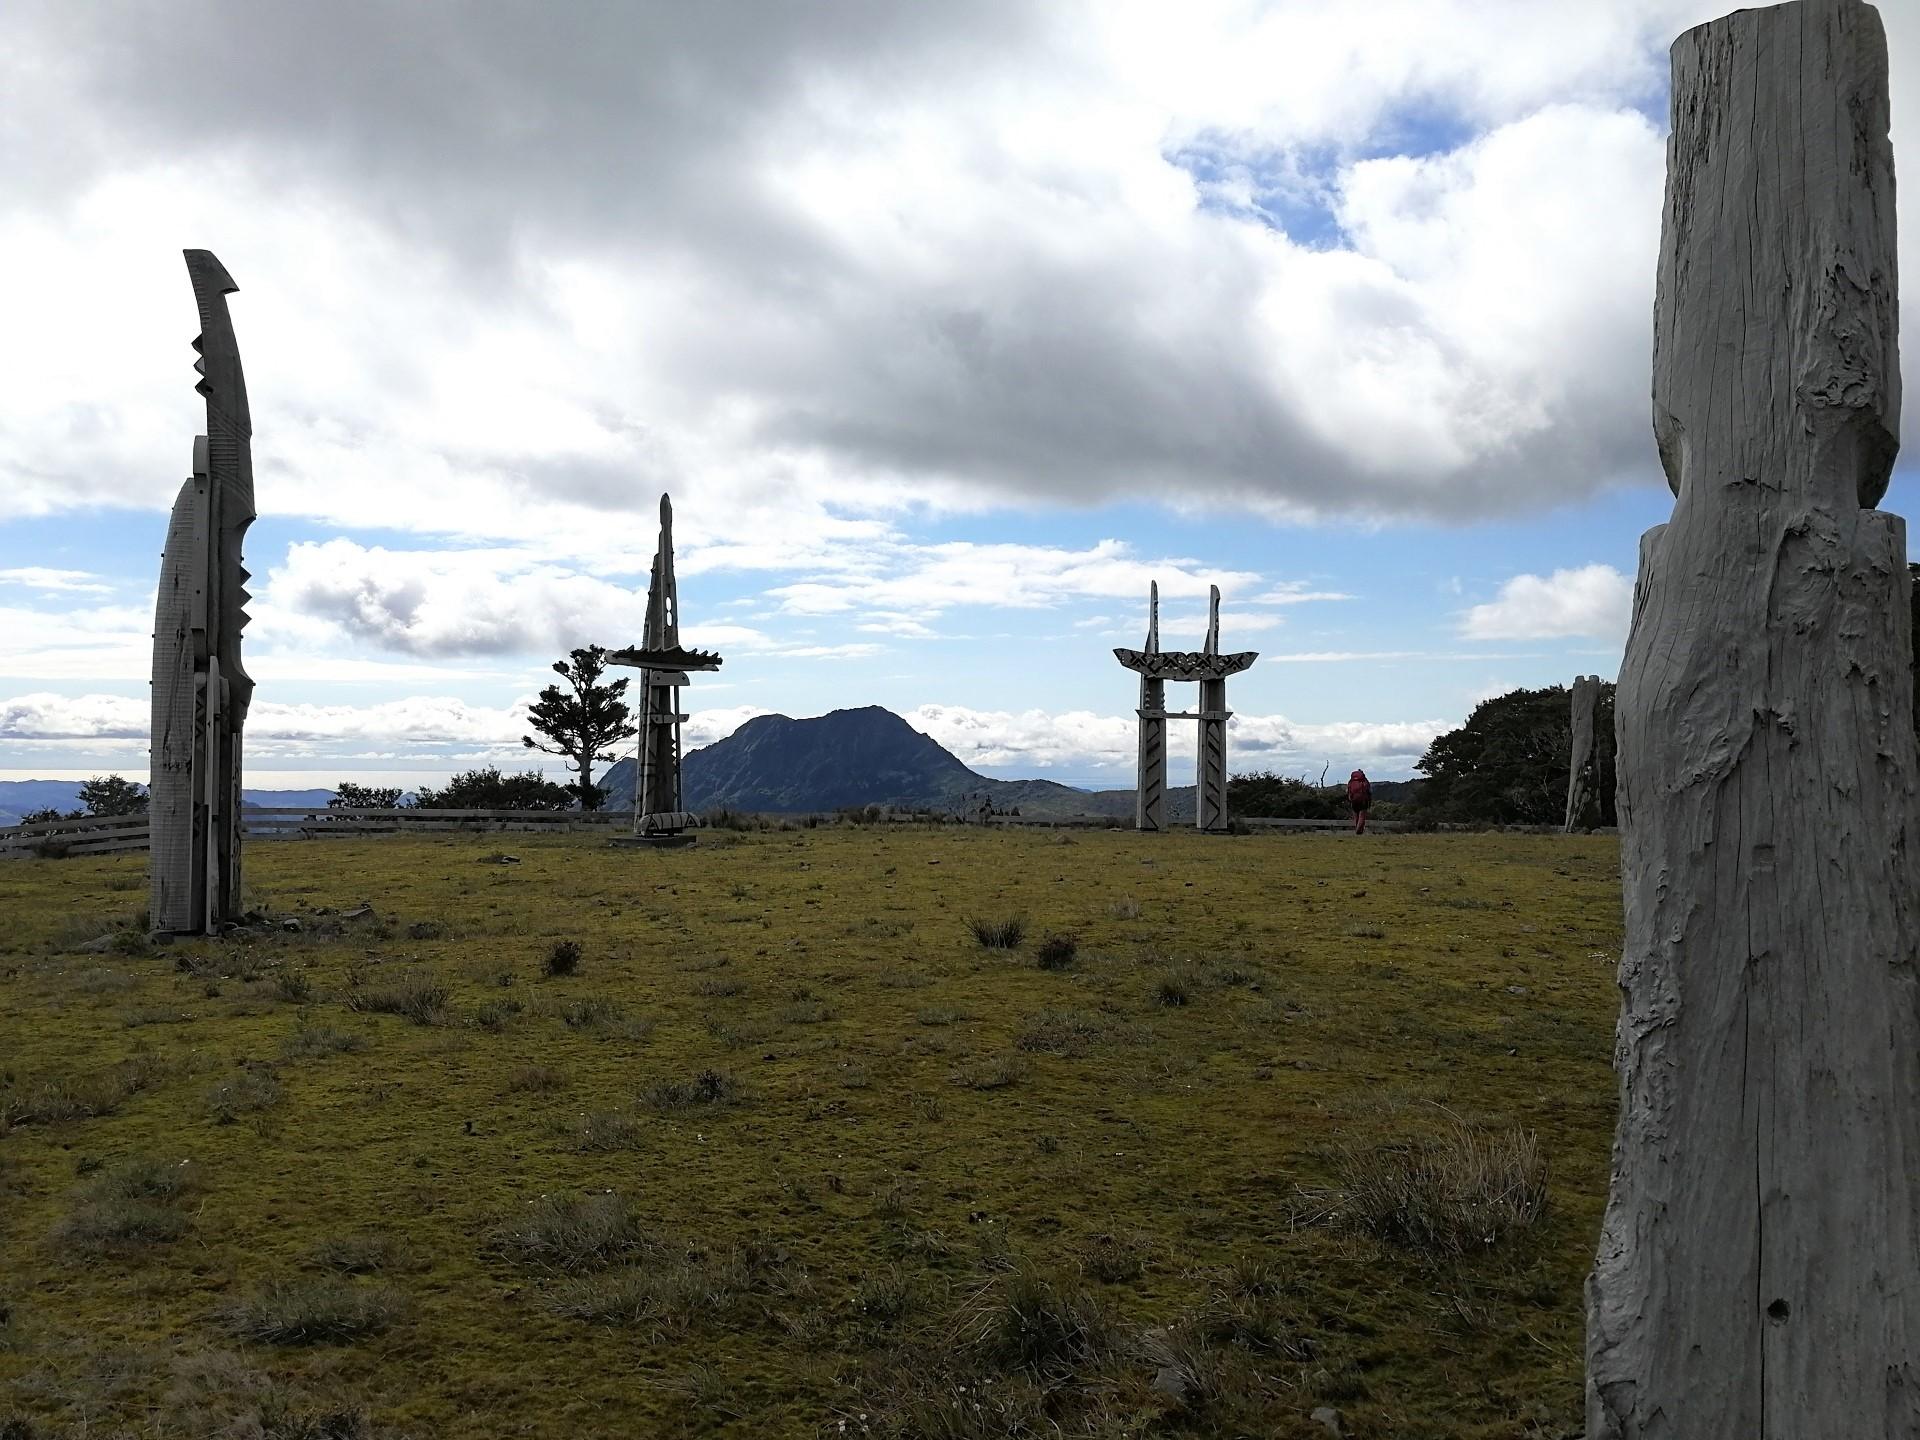 Obřadiště s maorskými totemy v hlavní branou v pozadí